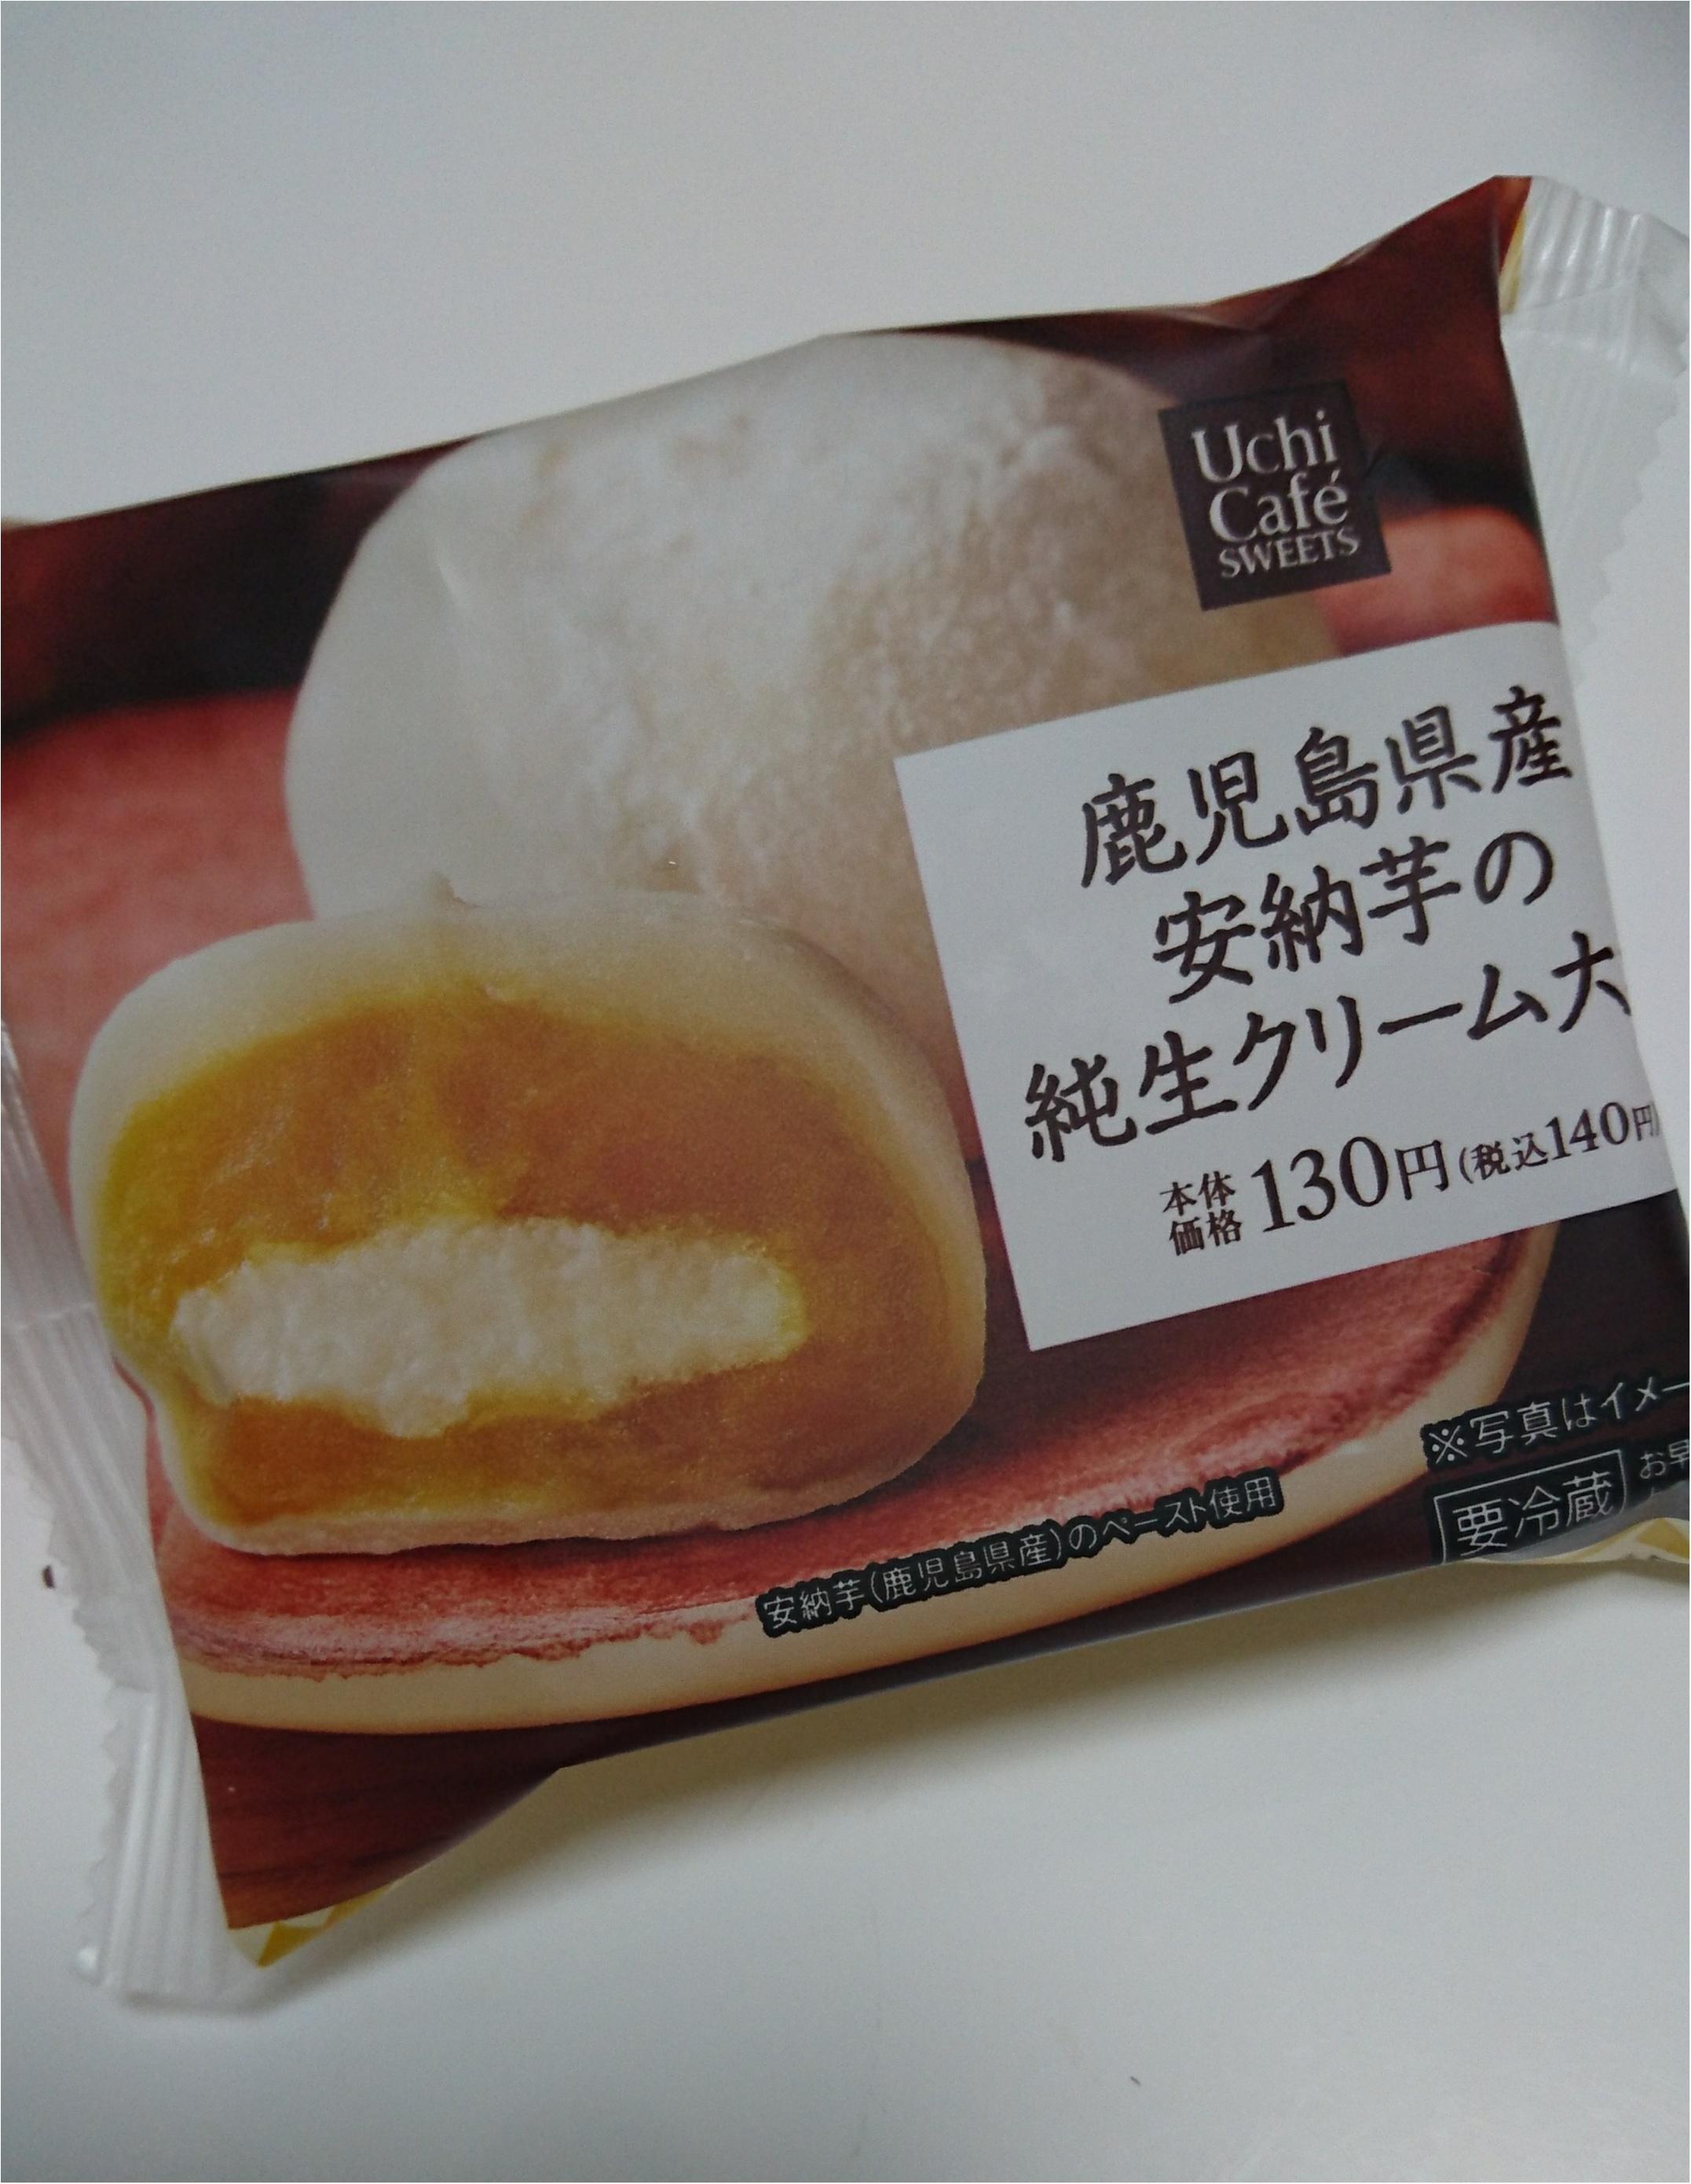 【コンビニスイーツ】お芋のおいしい季節がやってきました!_1